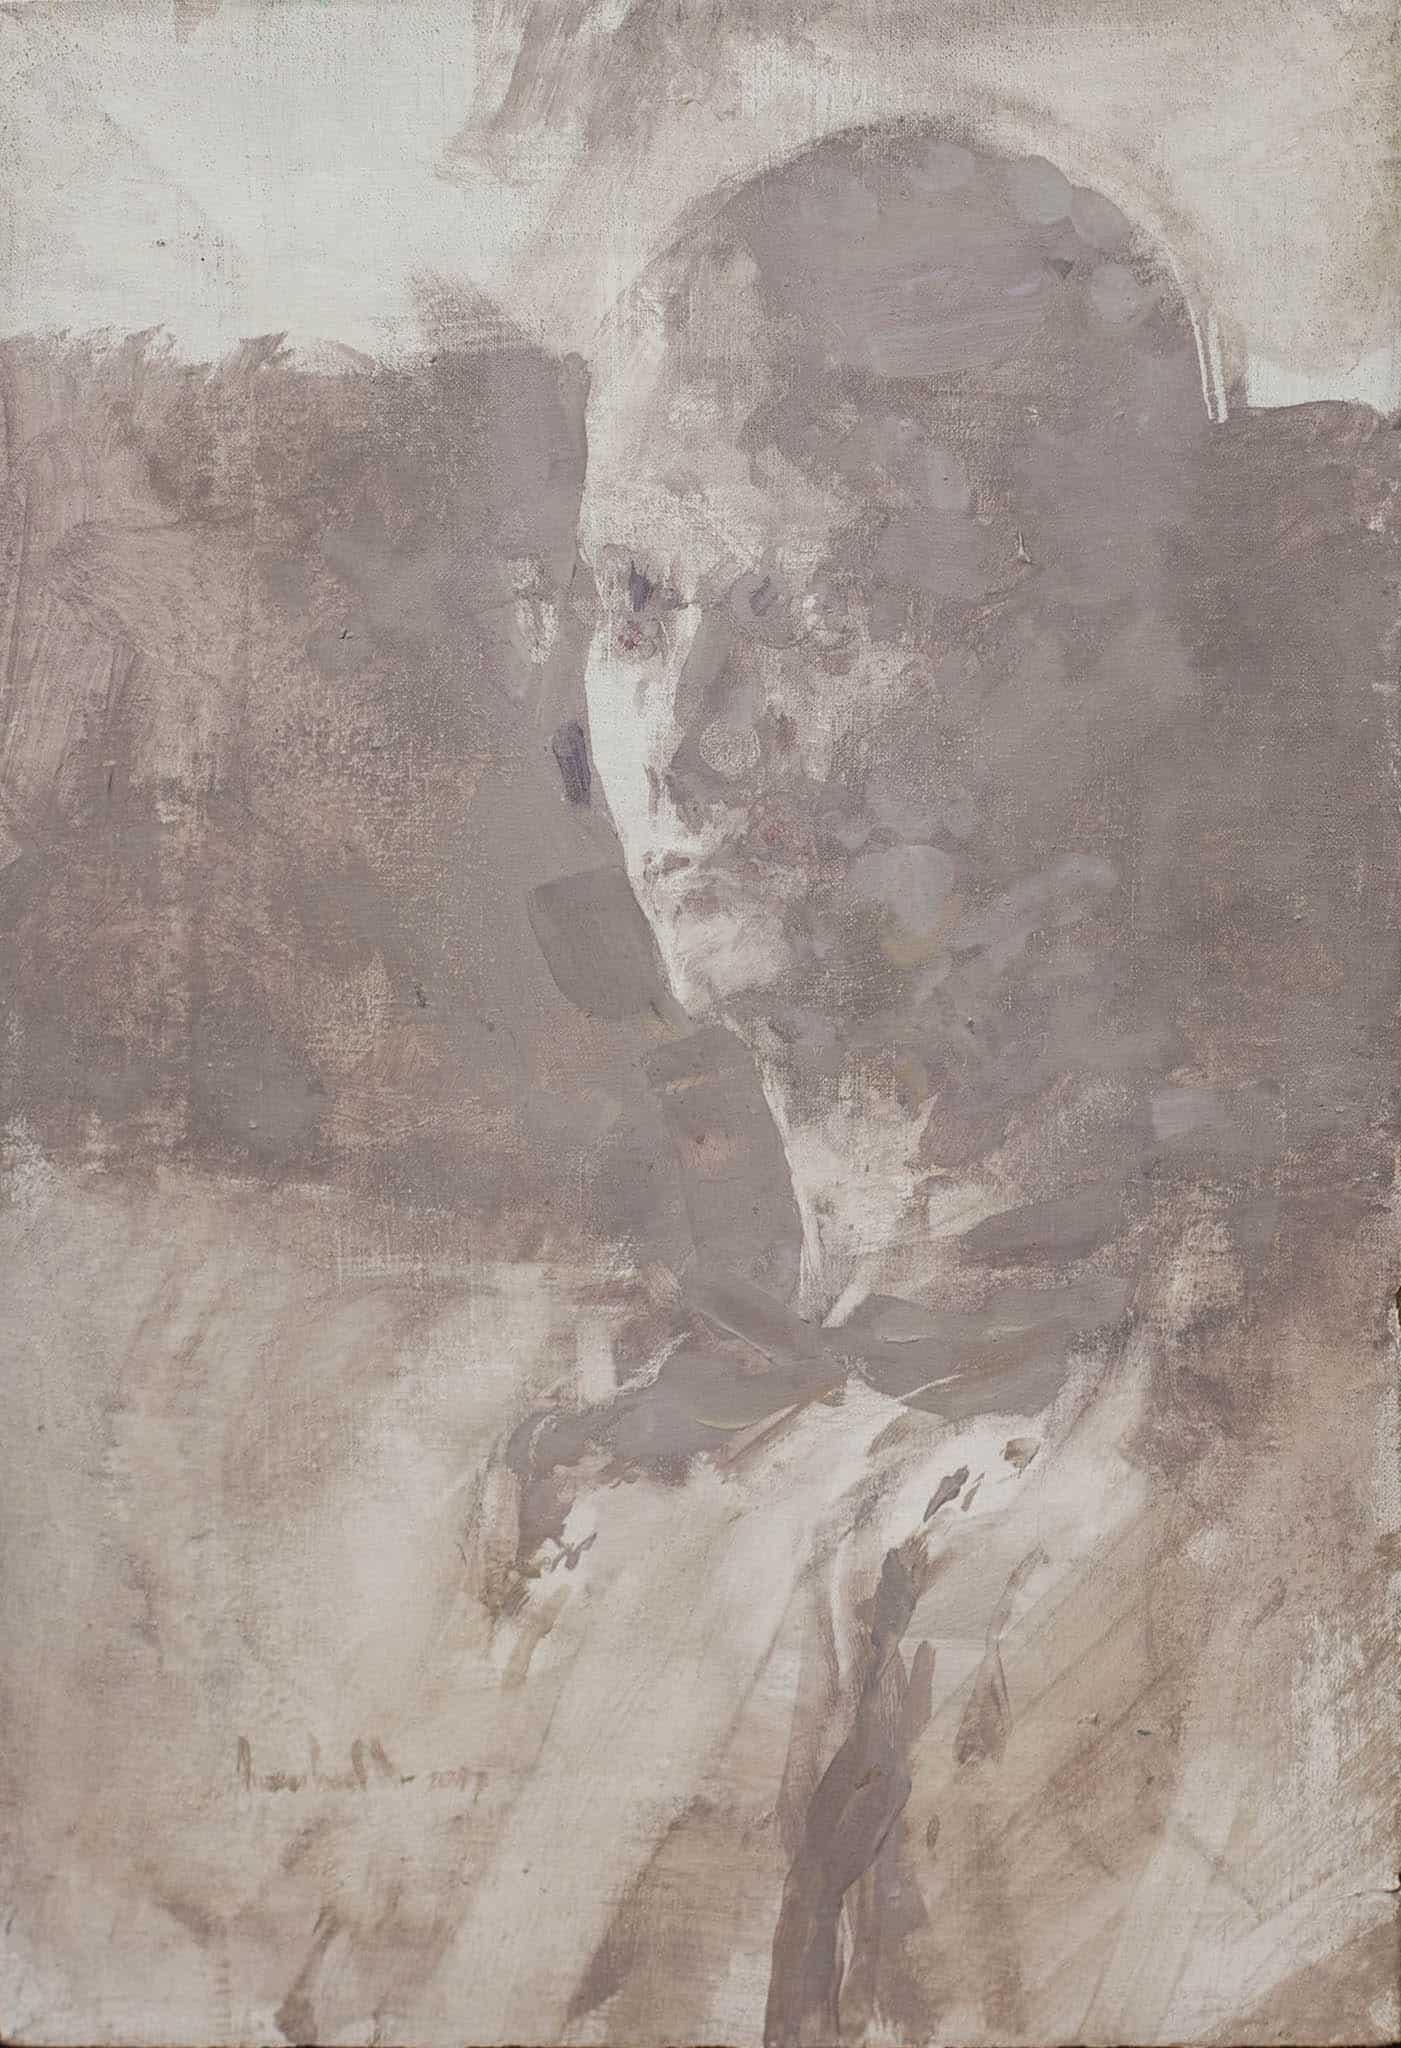 """אמנון דוד ער, """"דיוקן עצמי"""", 2007, שמן על בד, 26x38 ס""""מ"""